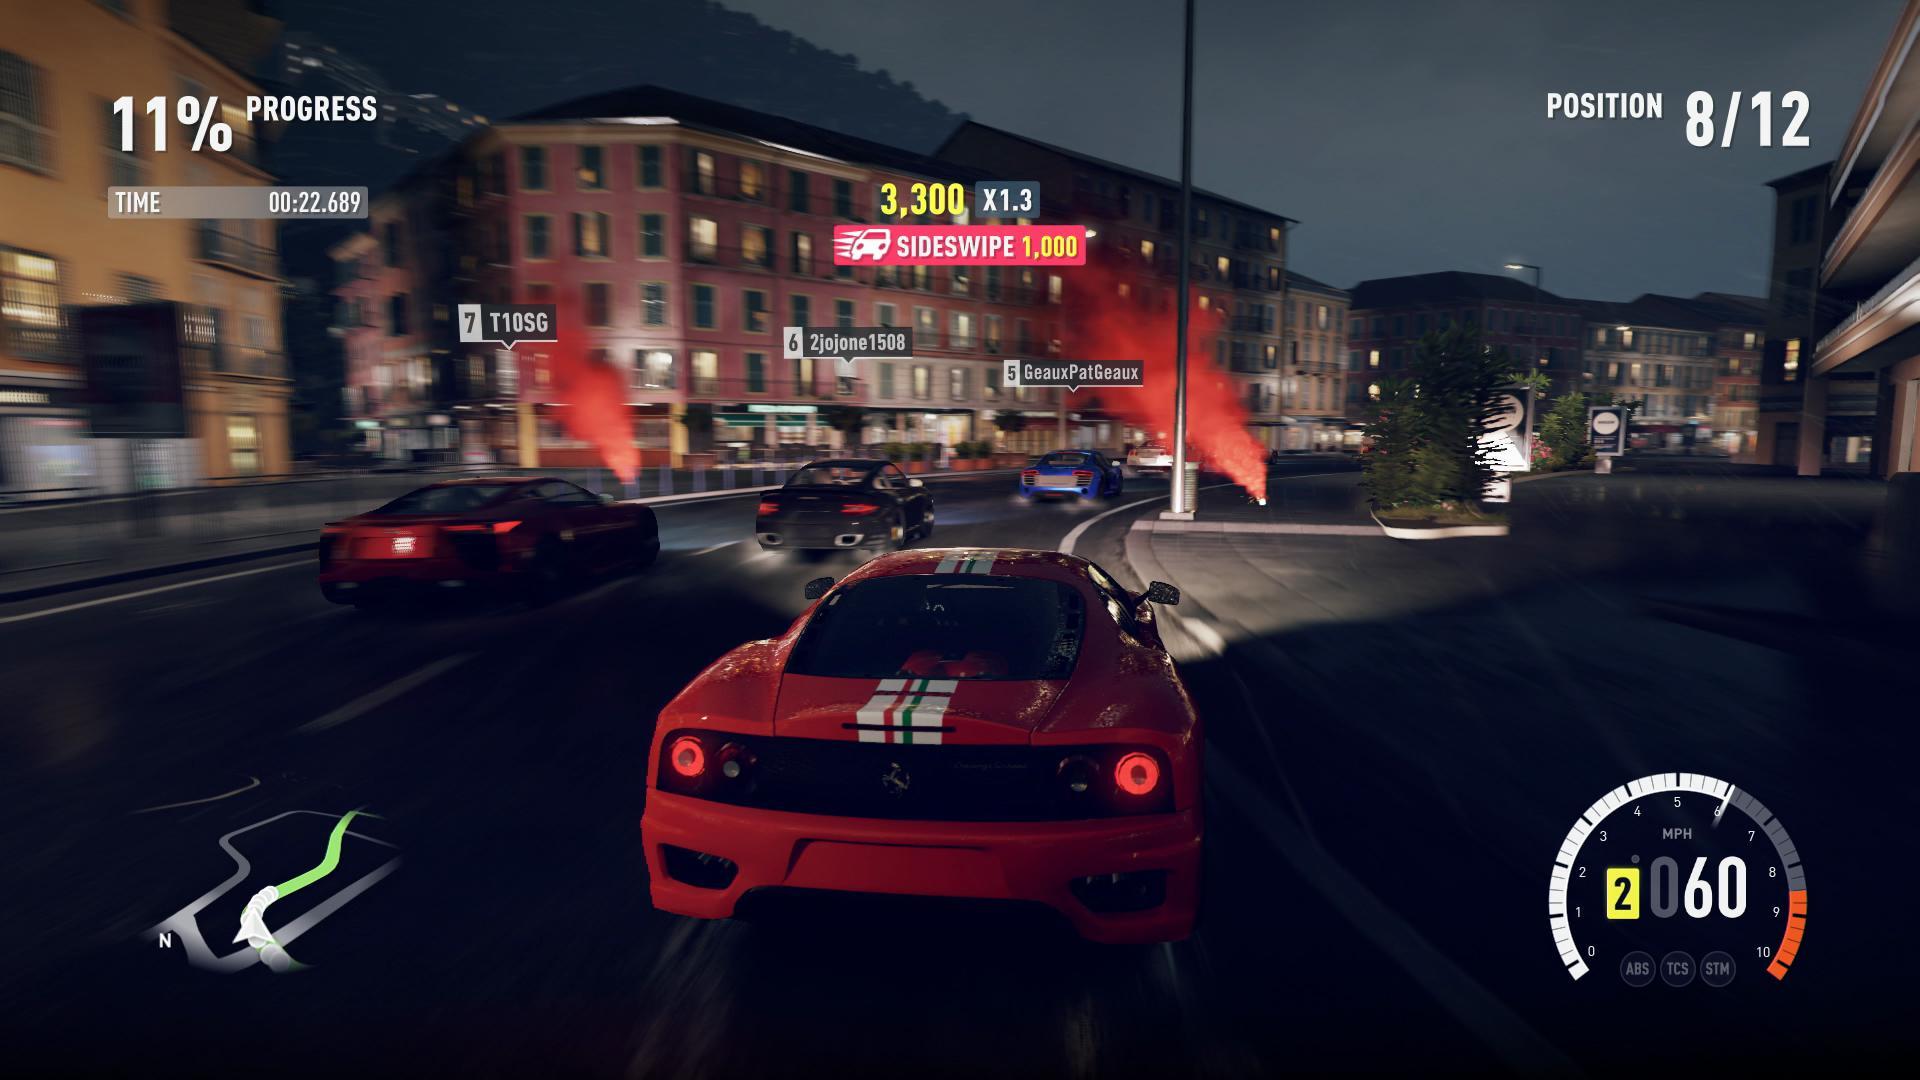 Десятилетие серии Forza: Часть 2: Horizon. - Изображение 9